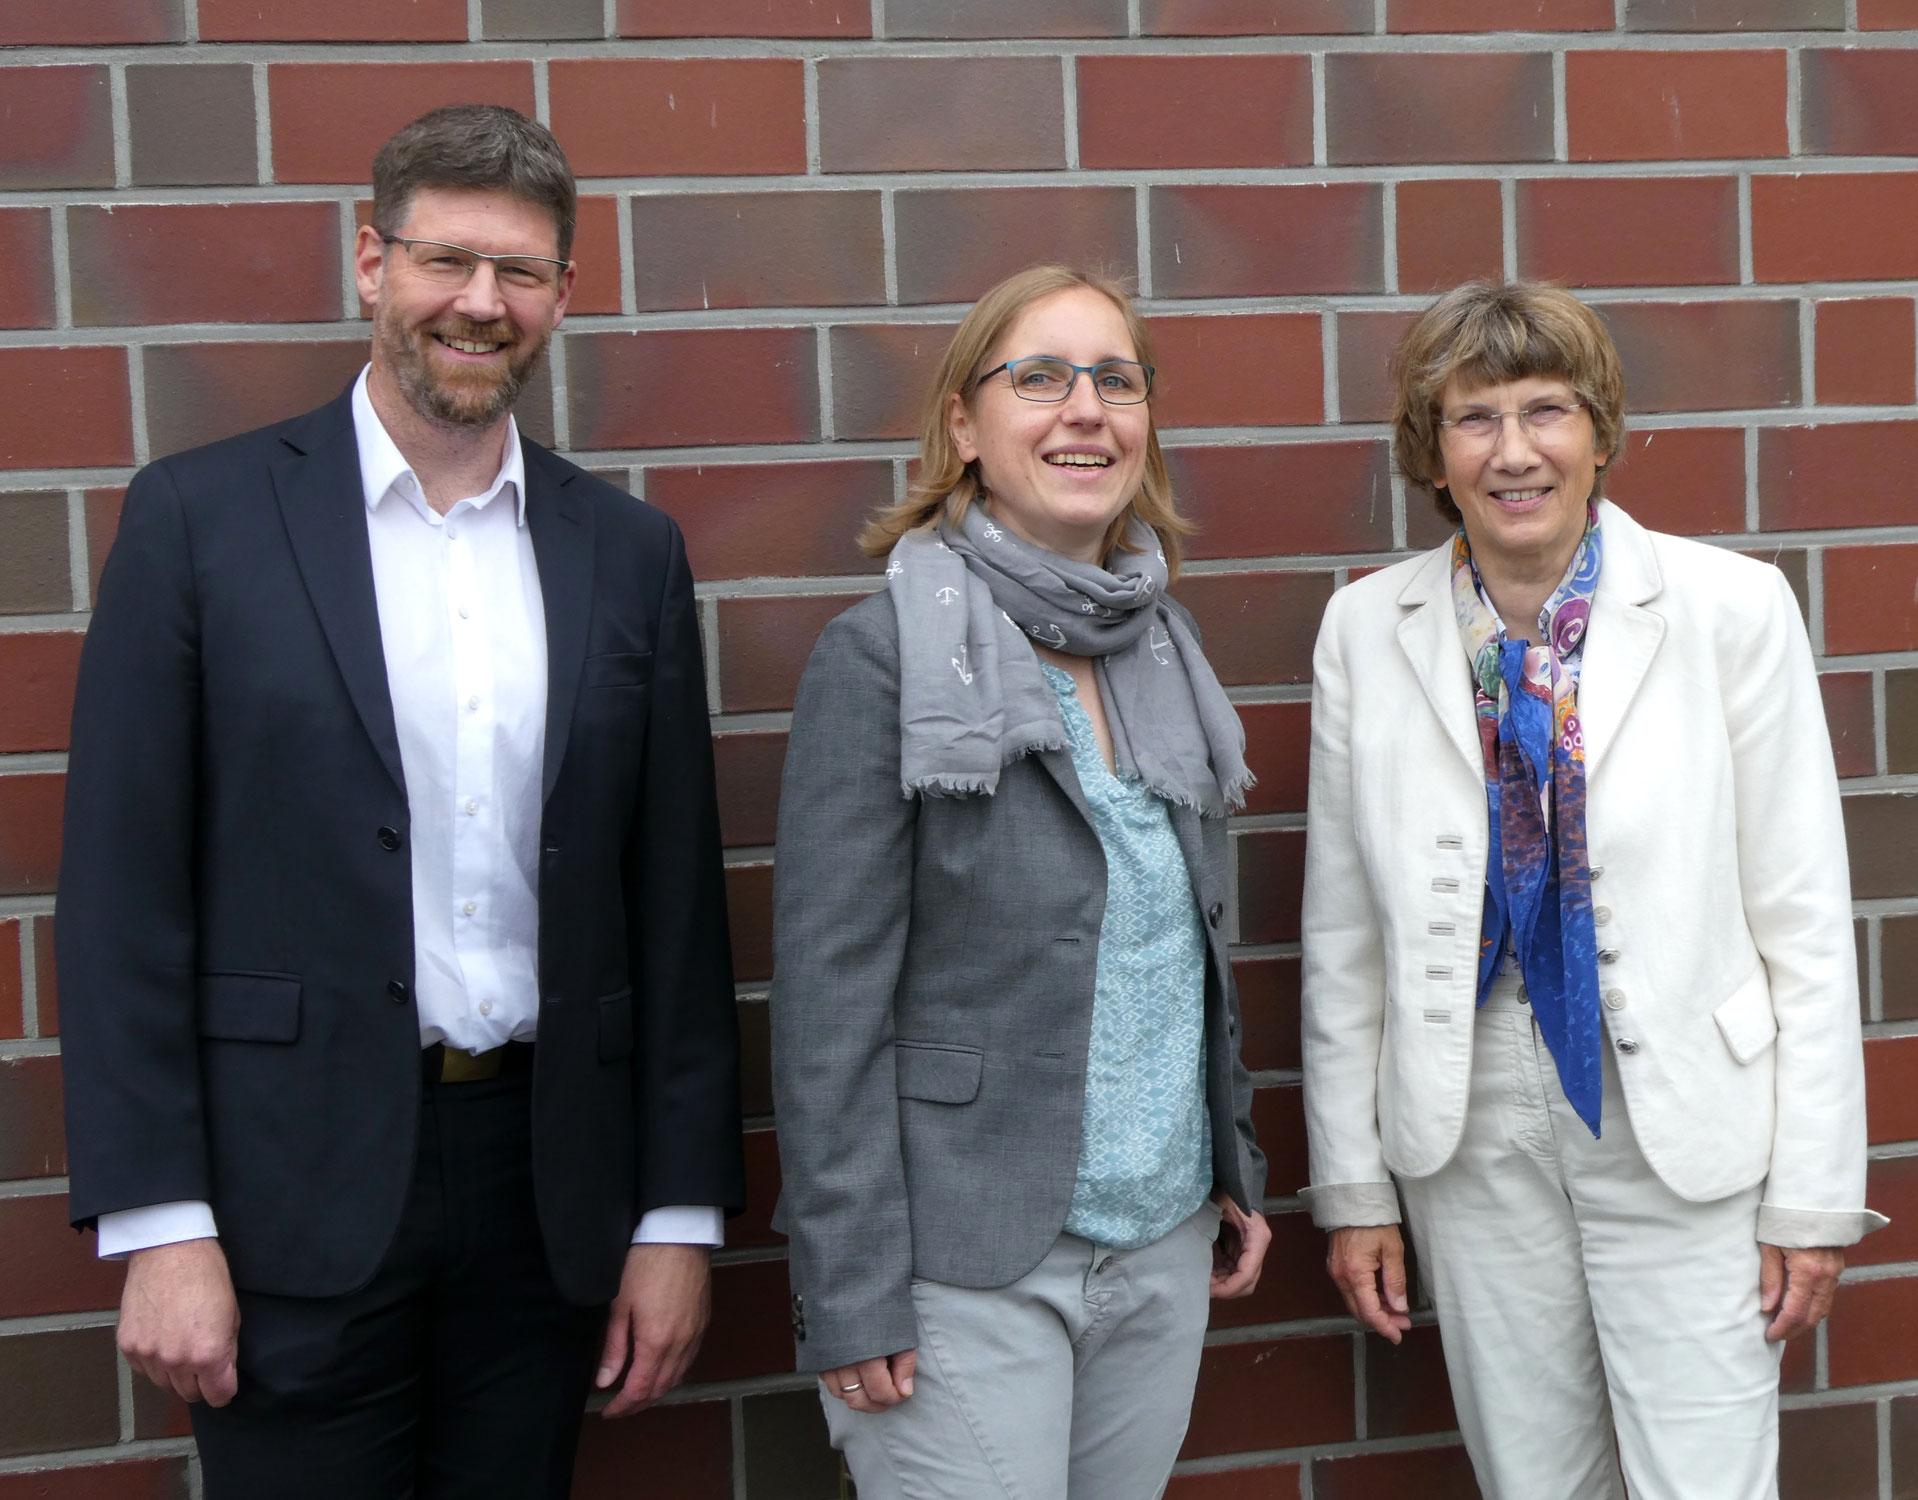 Kritik der FDP-Kreistagsfraktion an Aufhebung des Ausschreibungsverfahren für Rettungsdienstvergabe